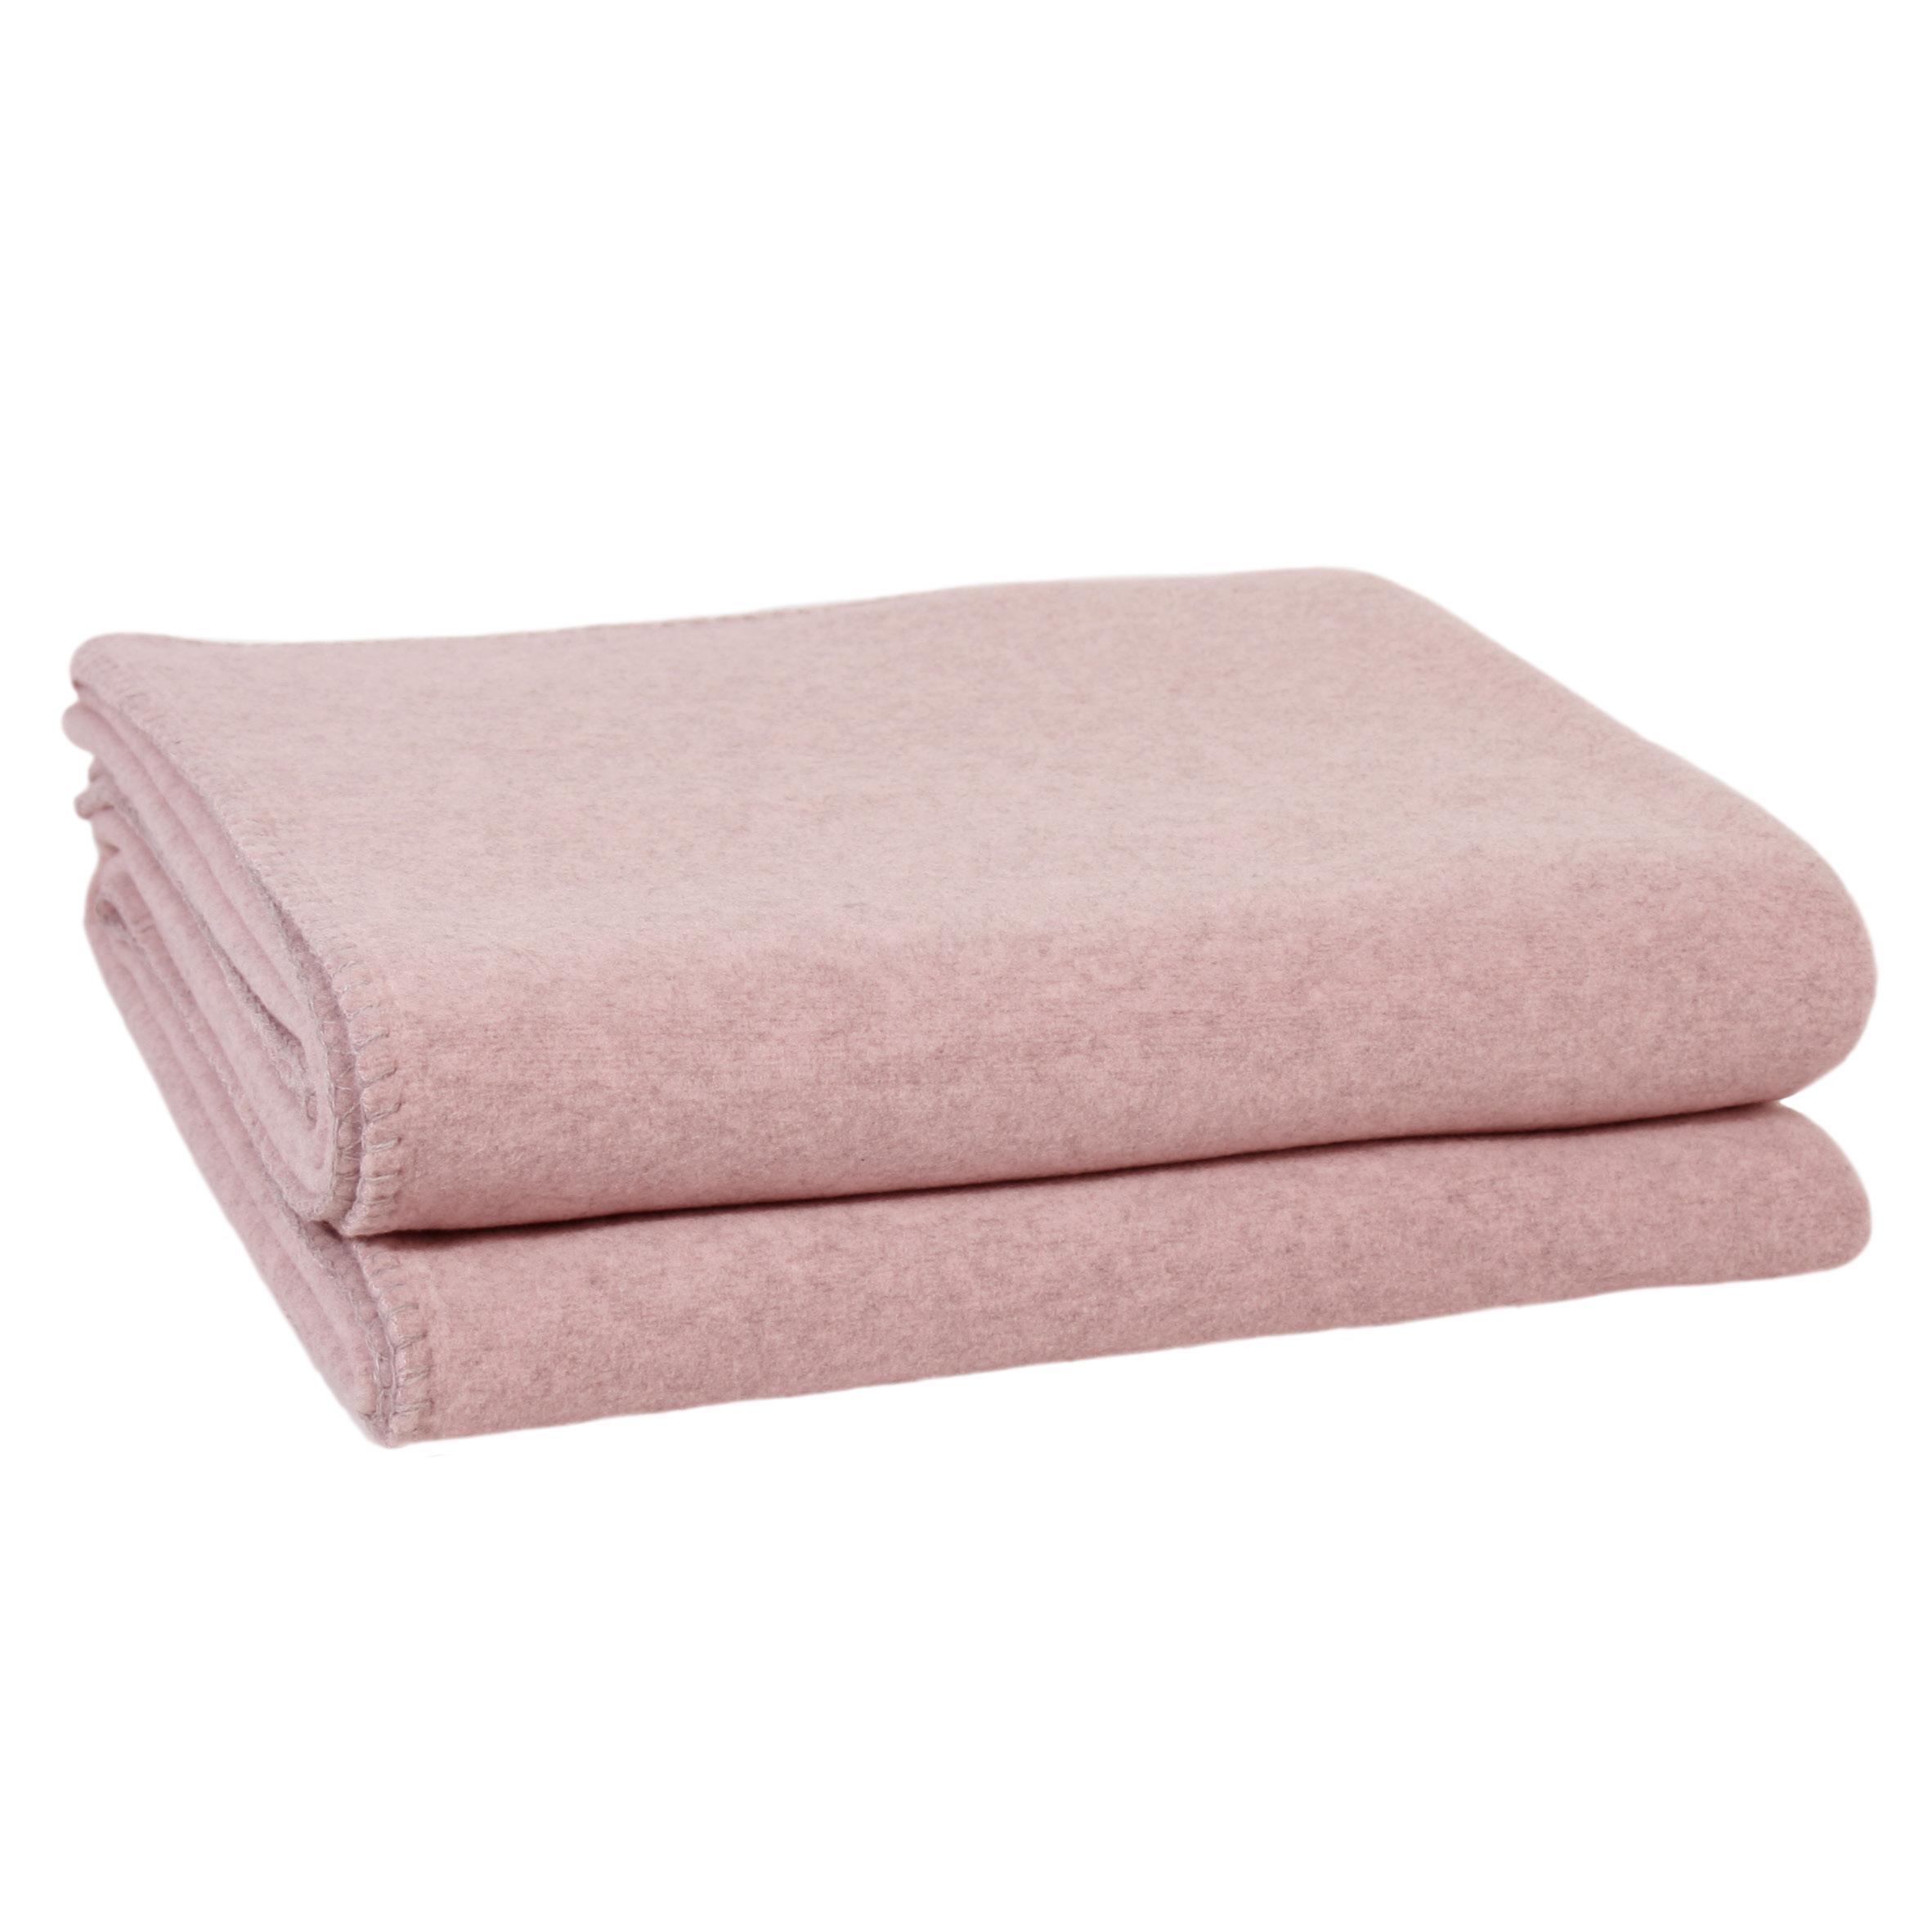 Beeindruckend Zoeppritz Ideen Von Soft Wool Decke Rose